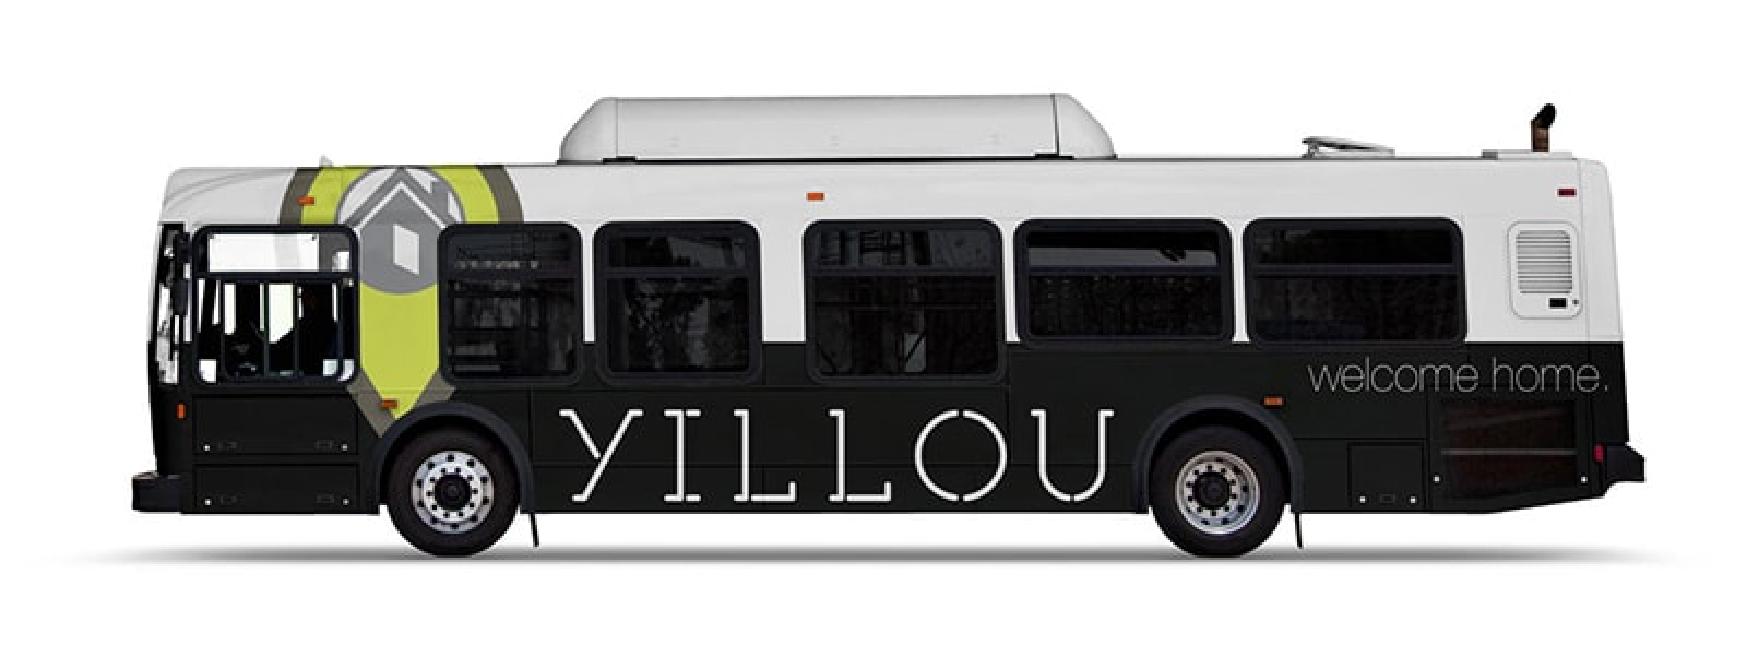 Yillou bus